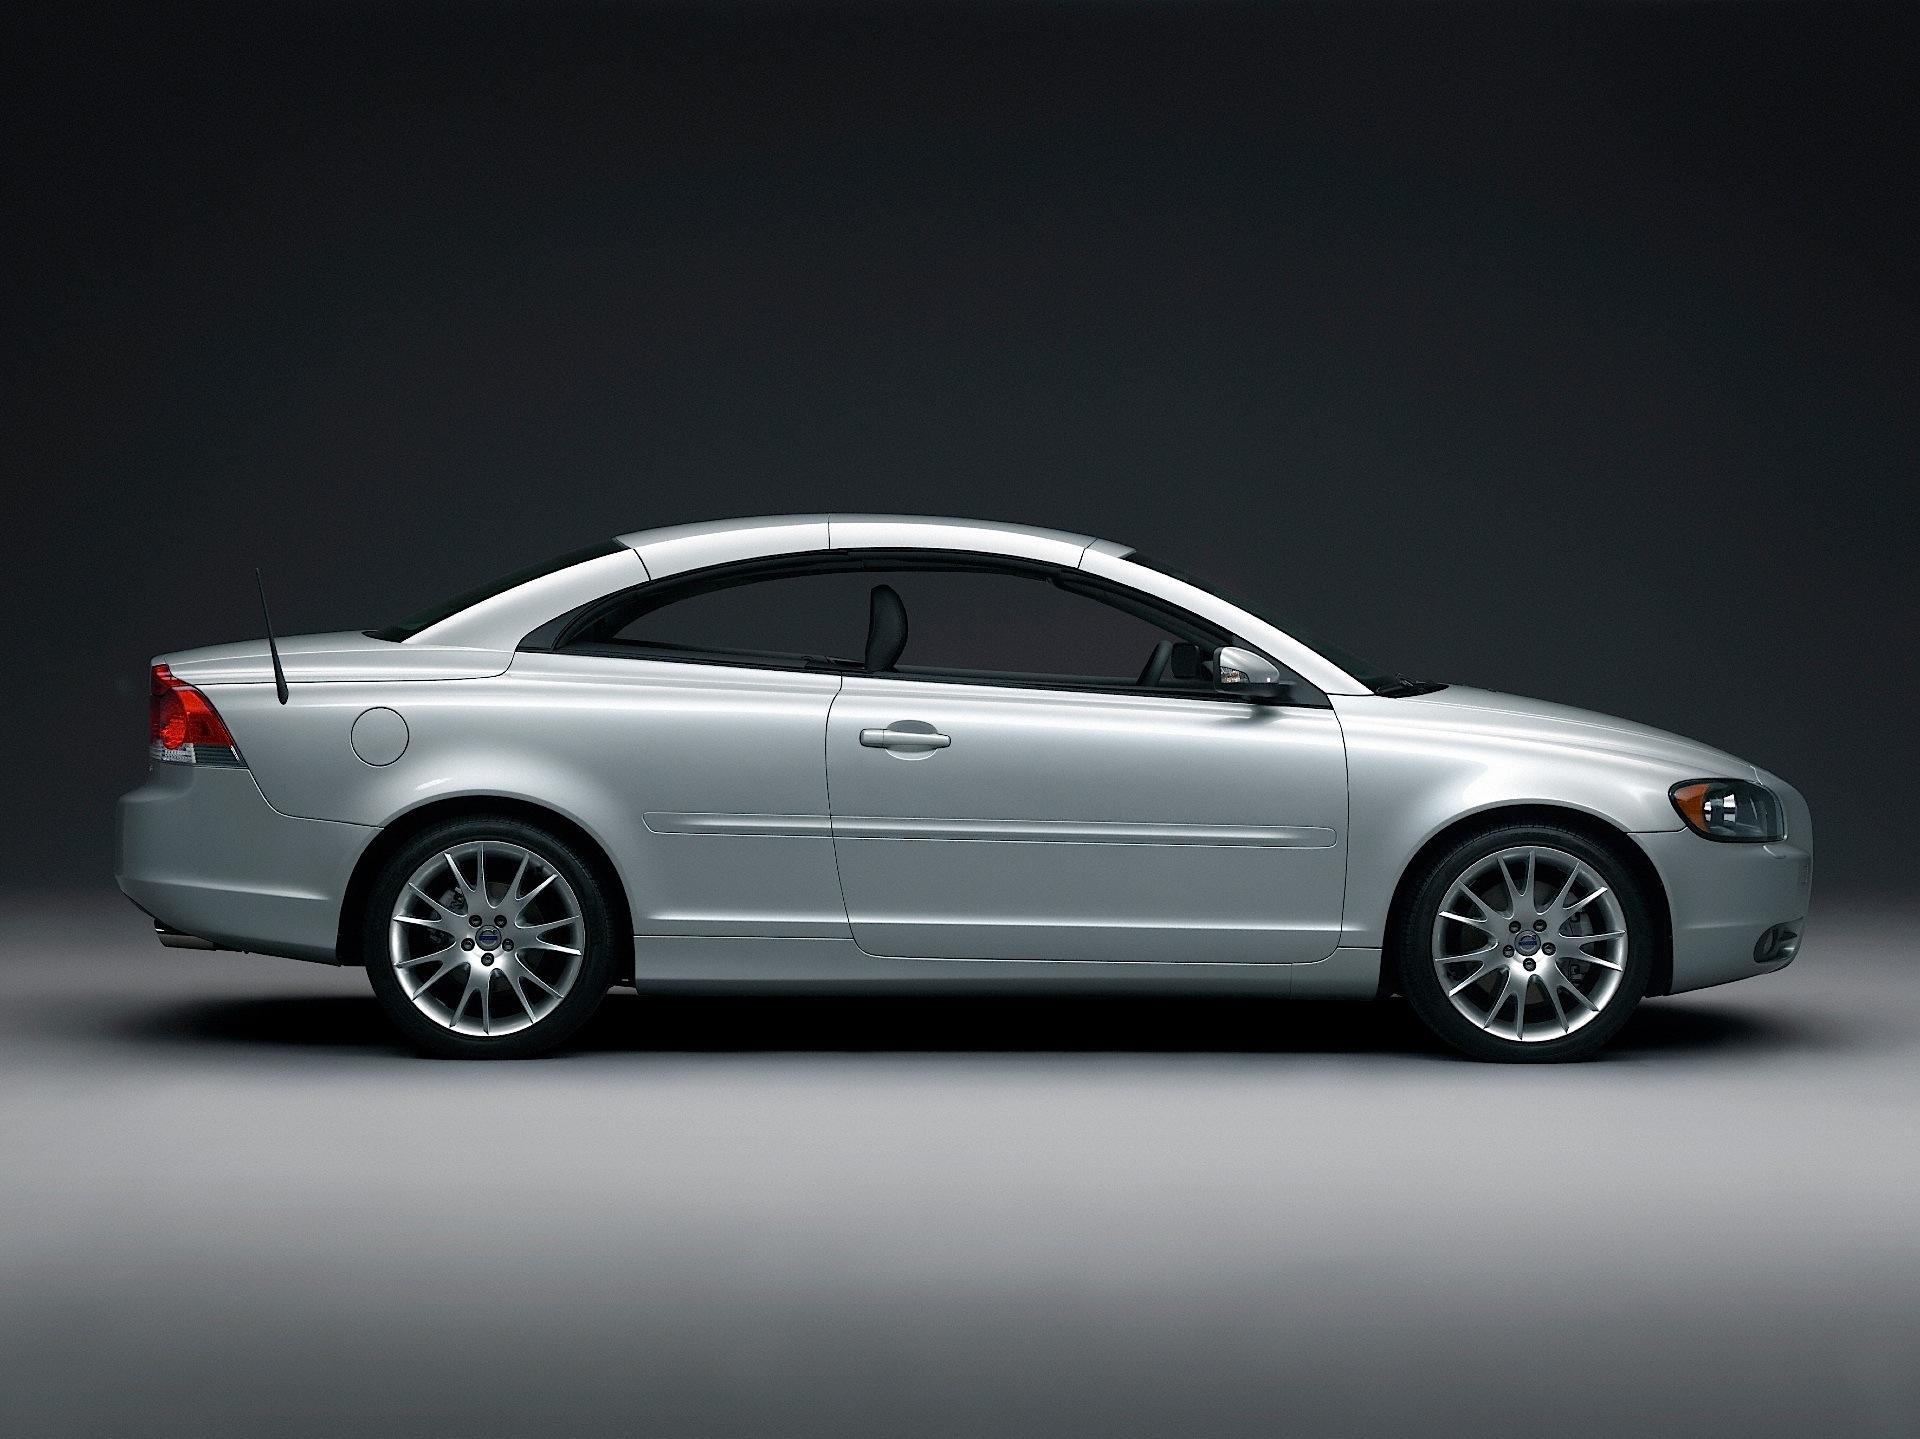 Volvo C70 Specs 2005 2006 2007 2008 2009 2010 2011